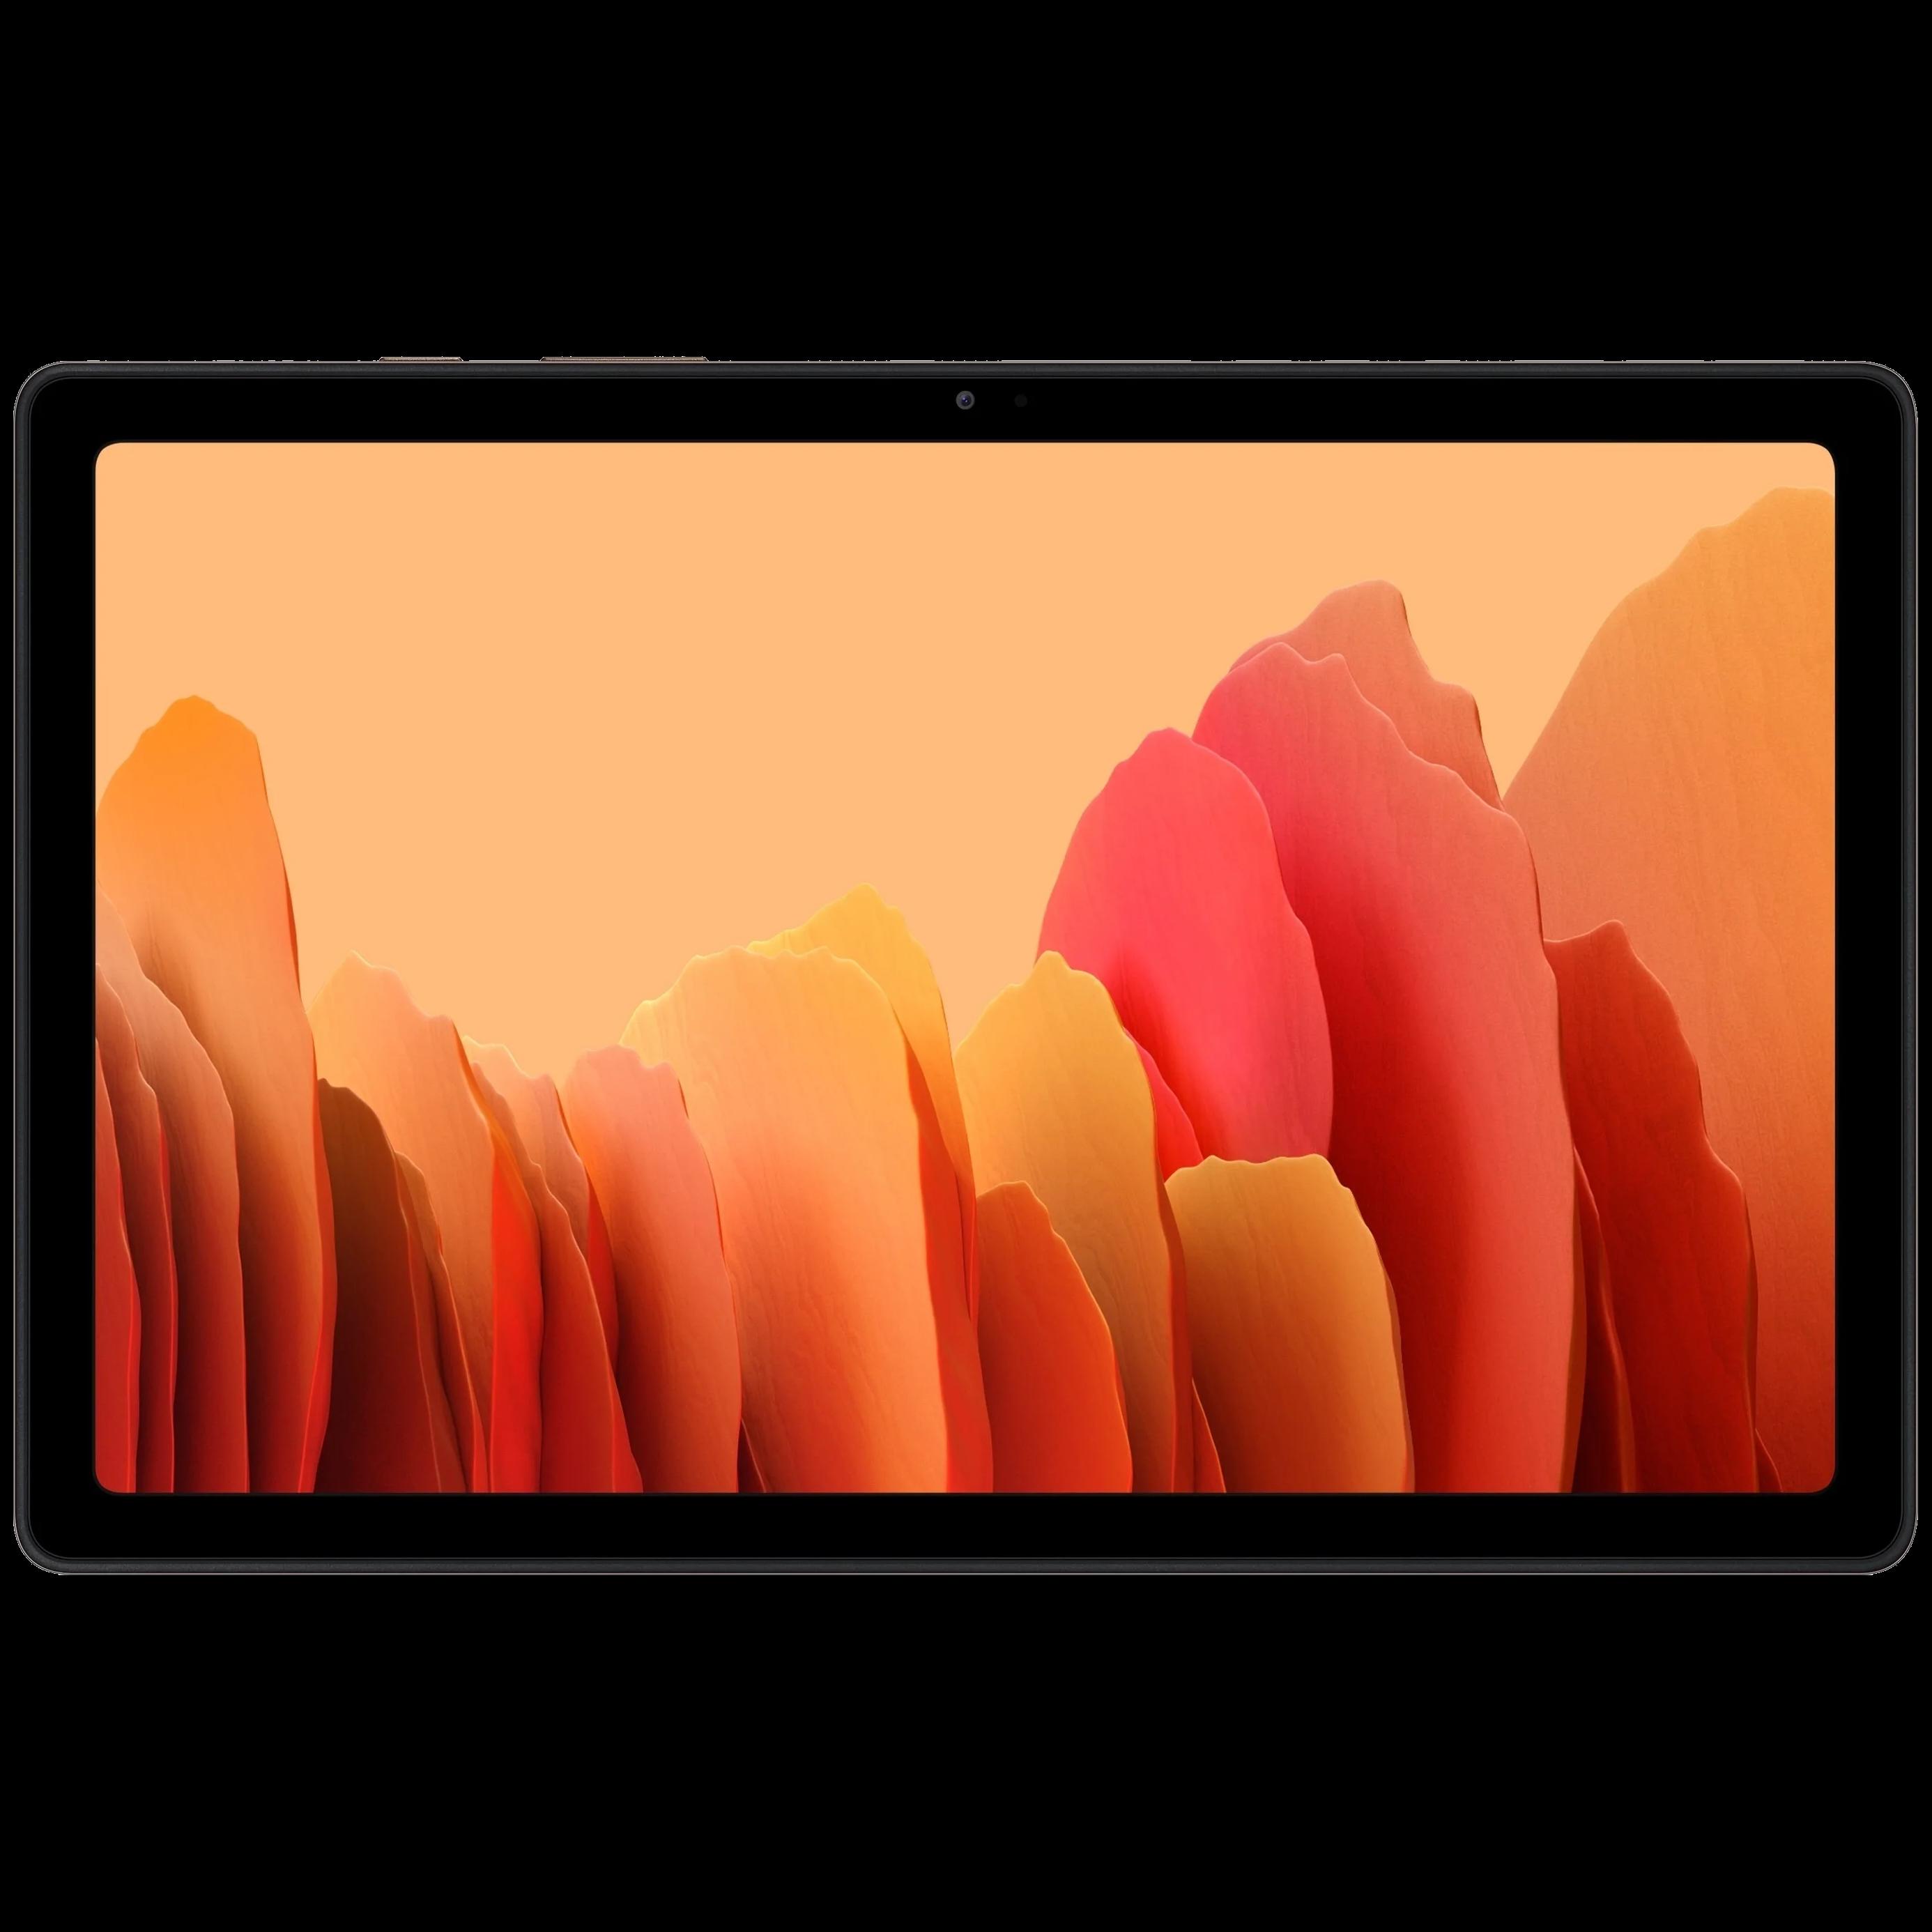 Samsung Galaxy Tab A7(SM-T505) 32GB GOLD - 3